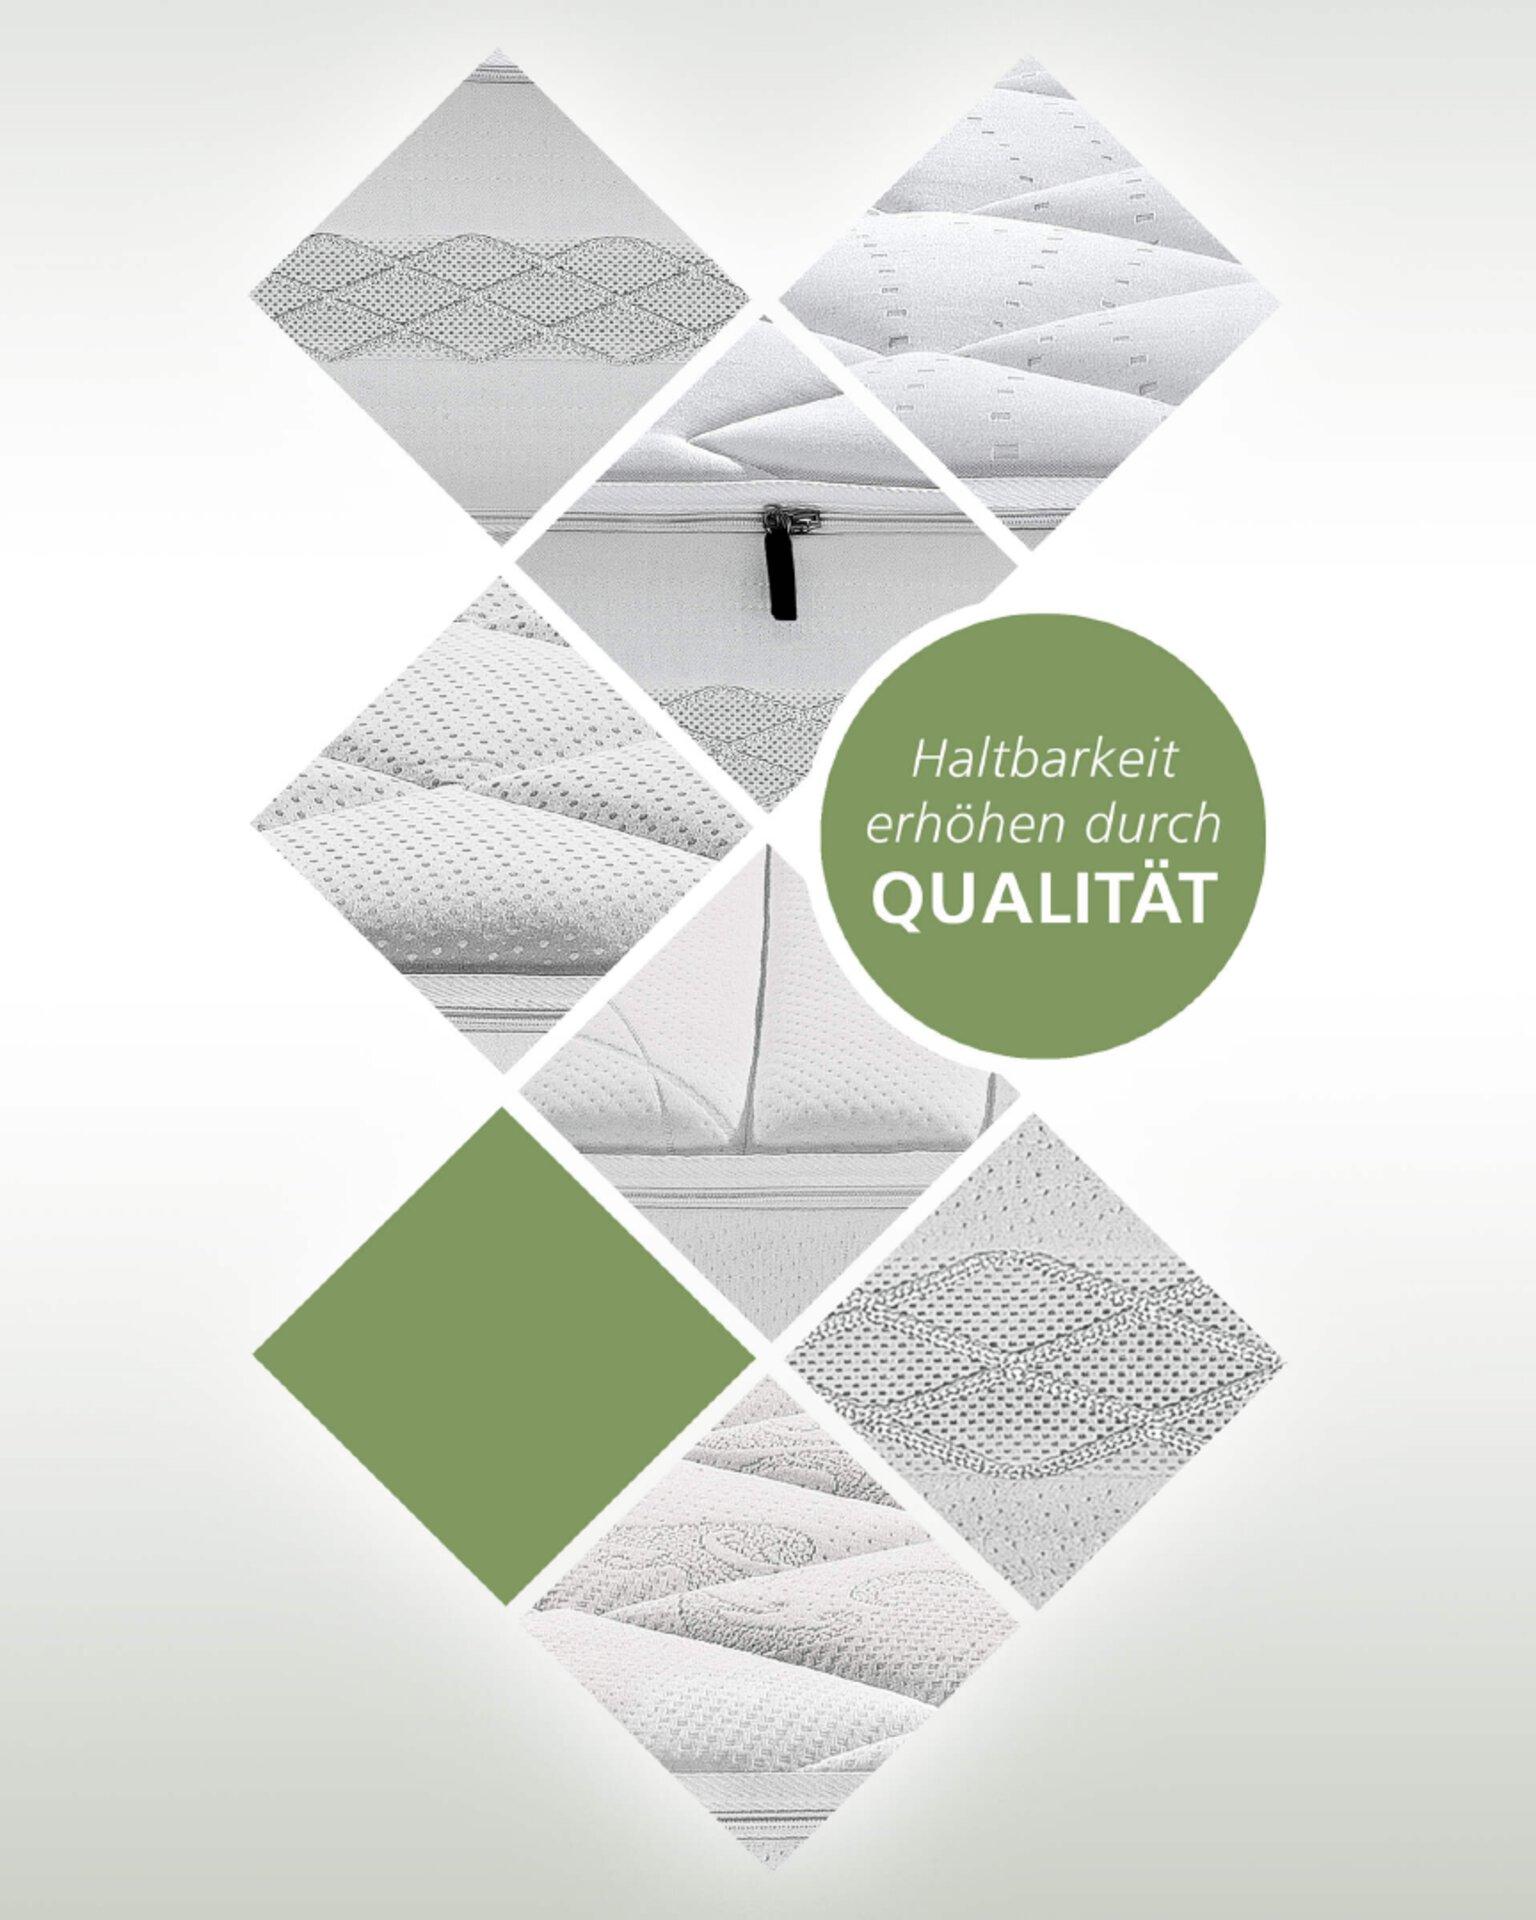 Qualitätskriterien einer Matratze